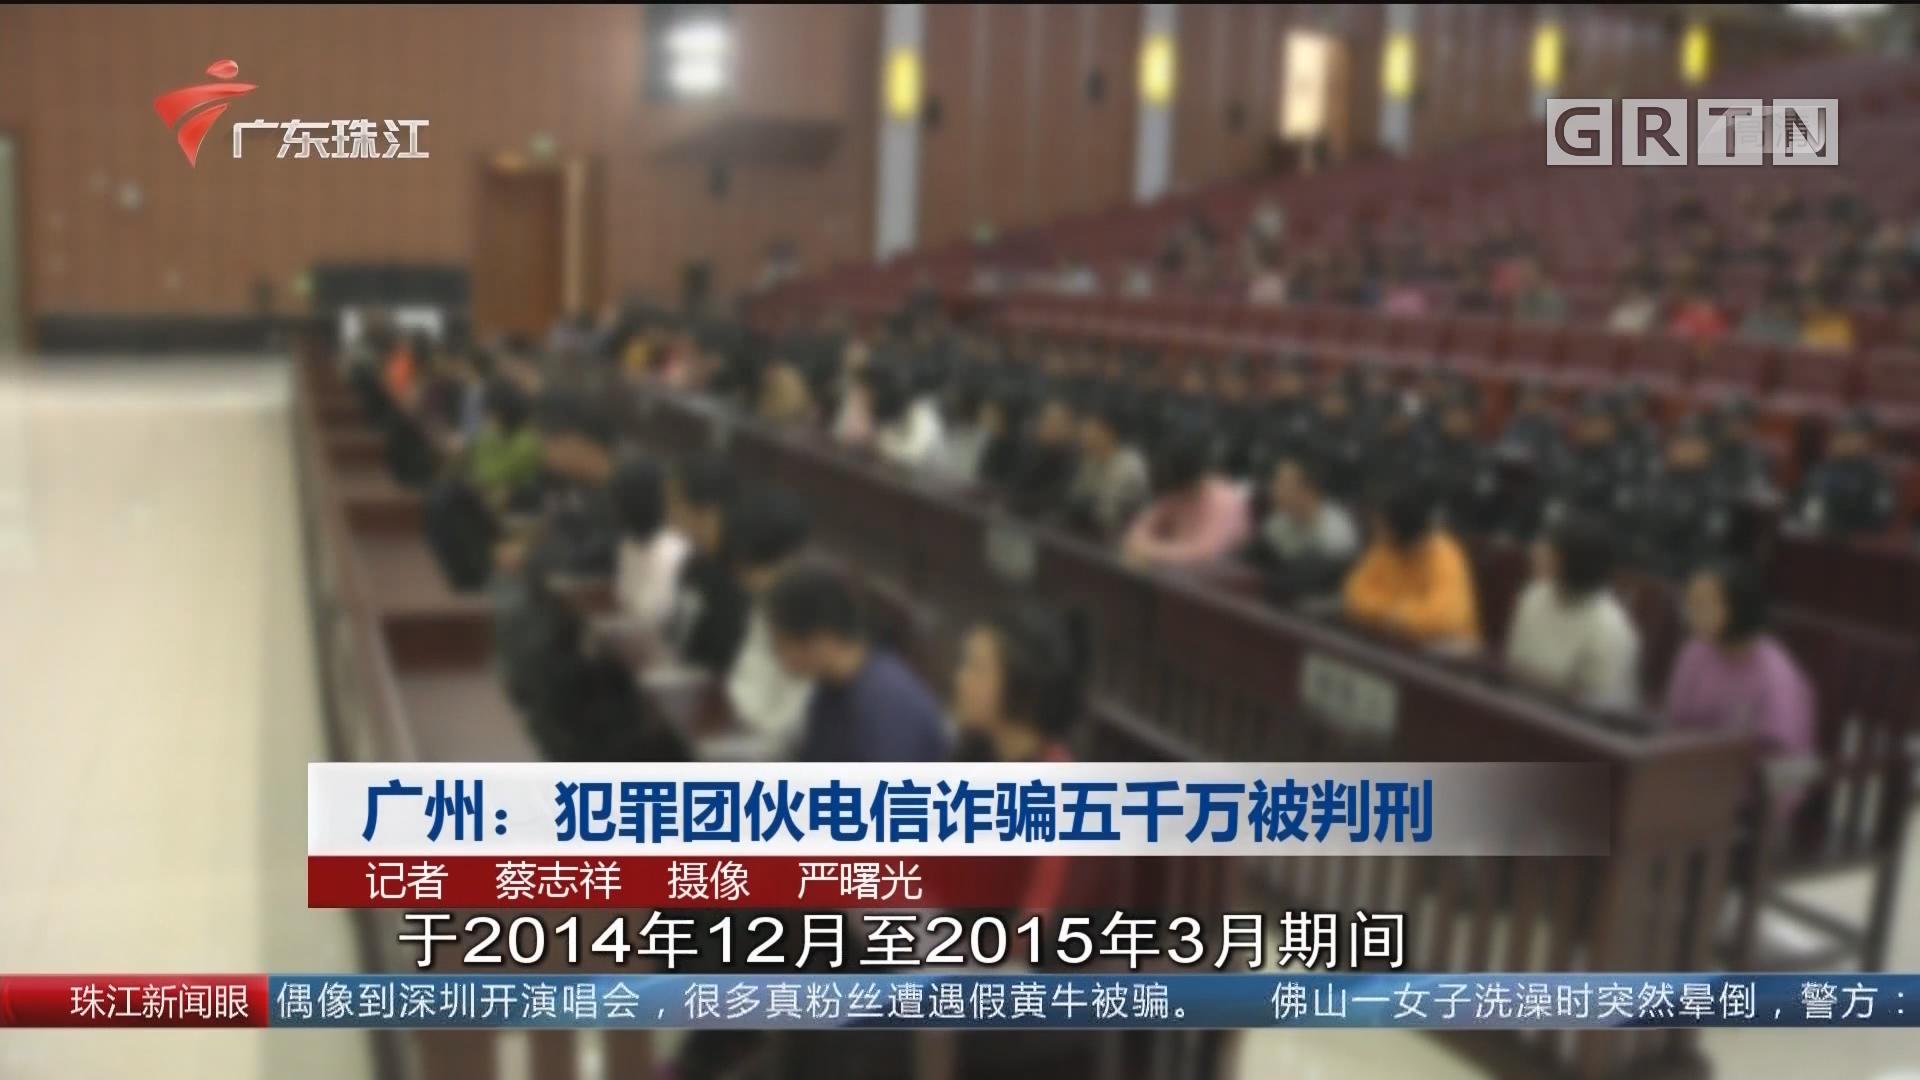 广州:犯罪团伙电信诈骗五千万被判刑